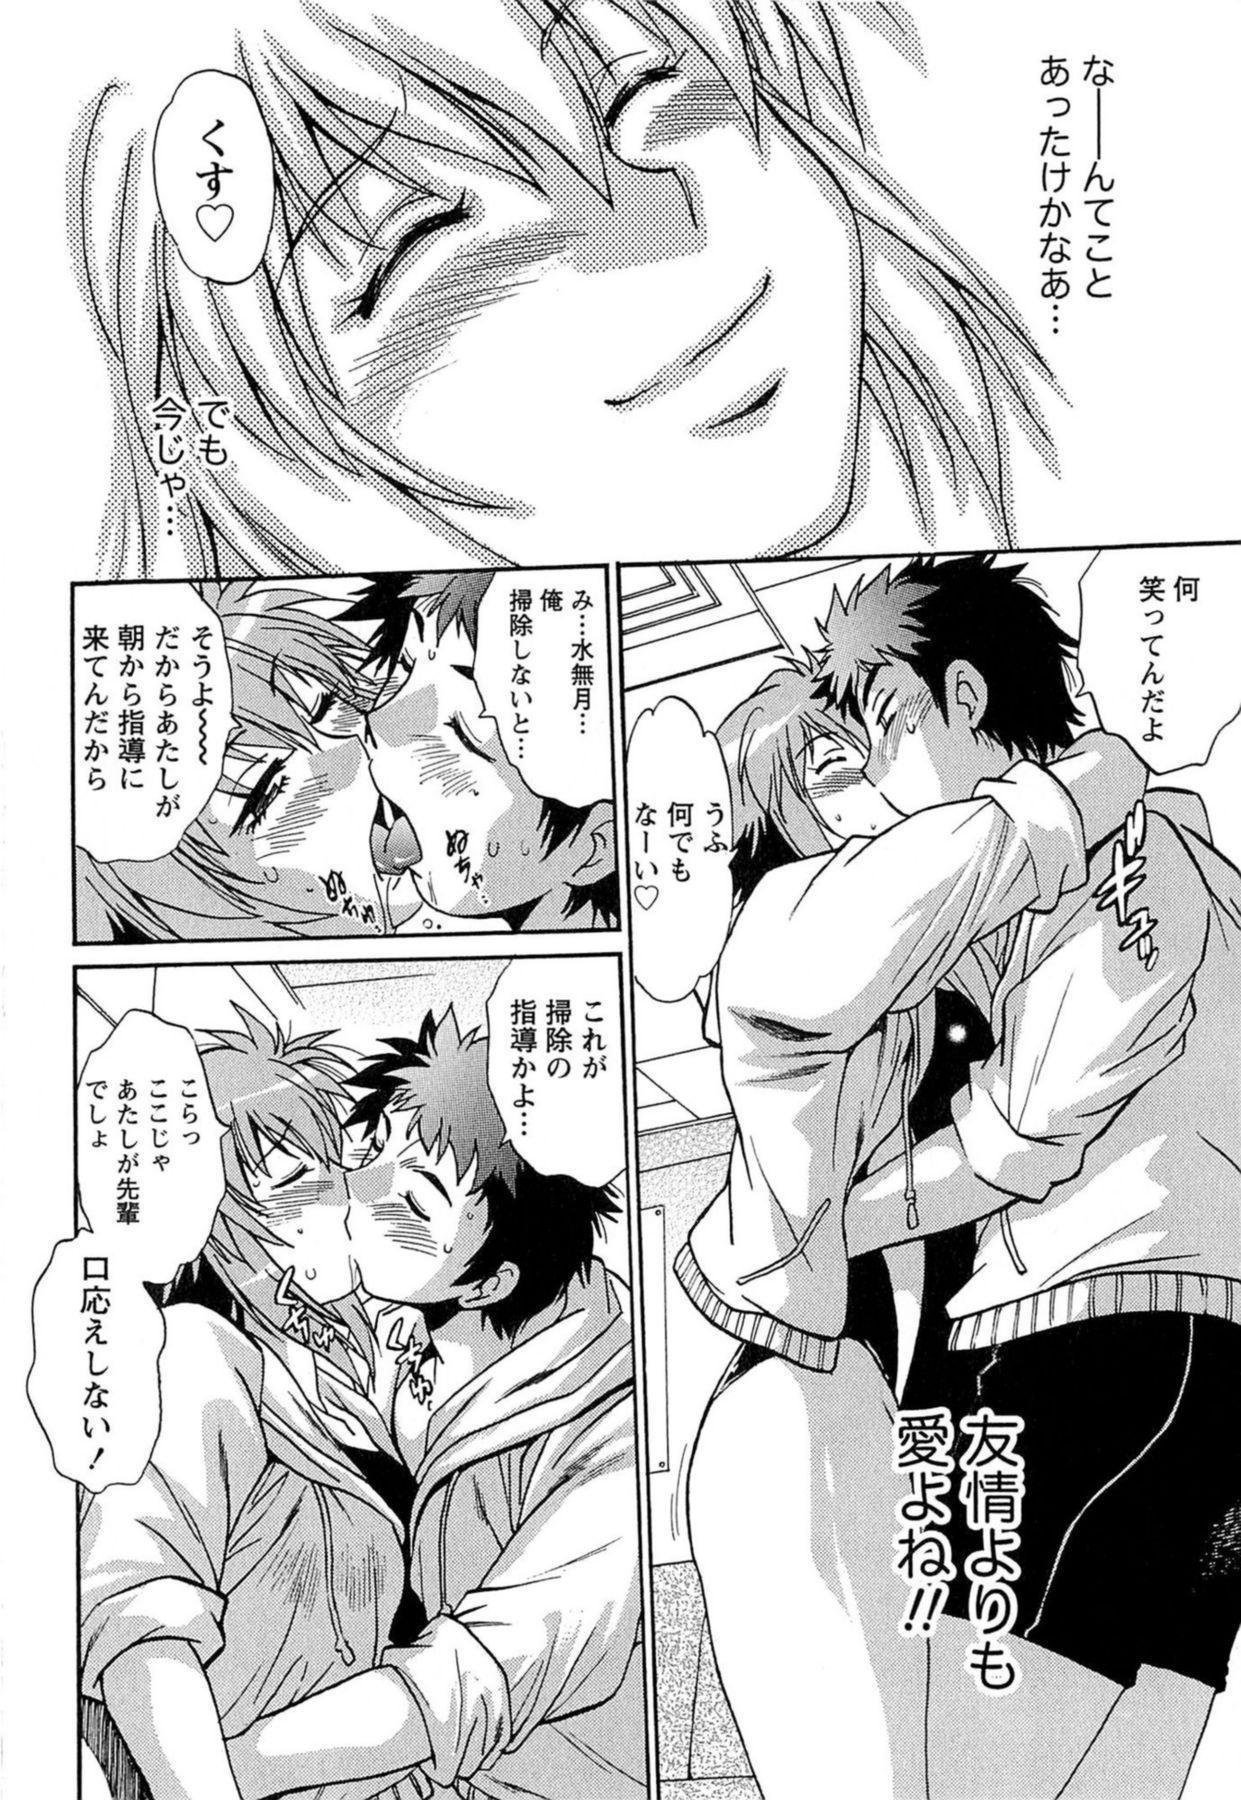 Kuikomi wo Naoshiteru Hima wa Nai! Vol. 1 42